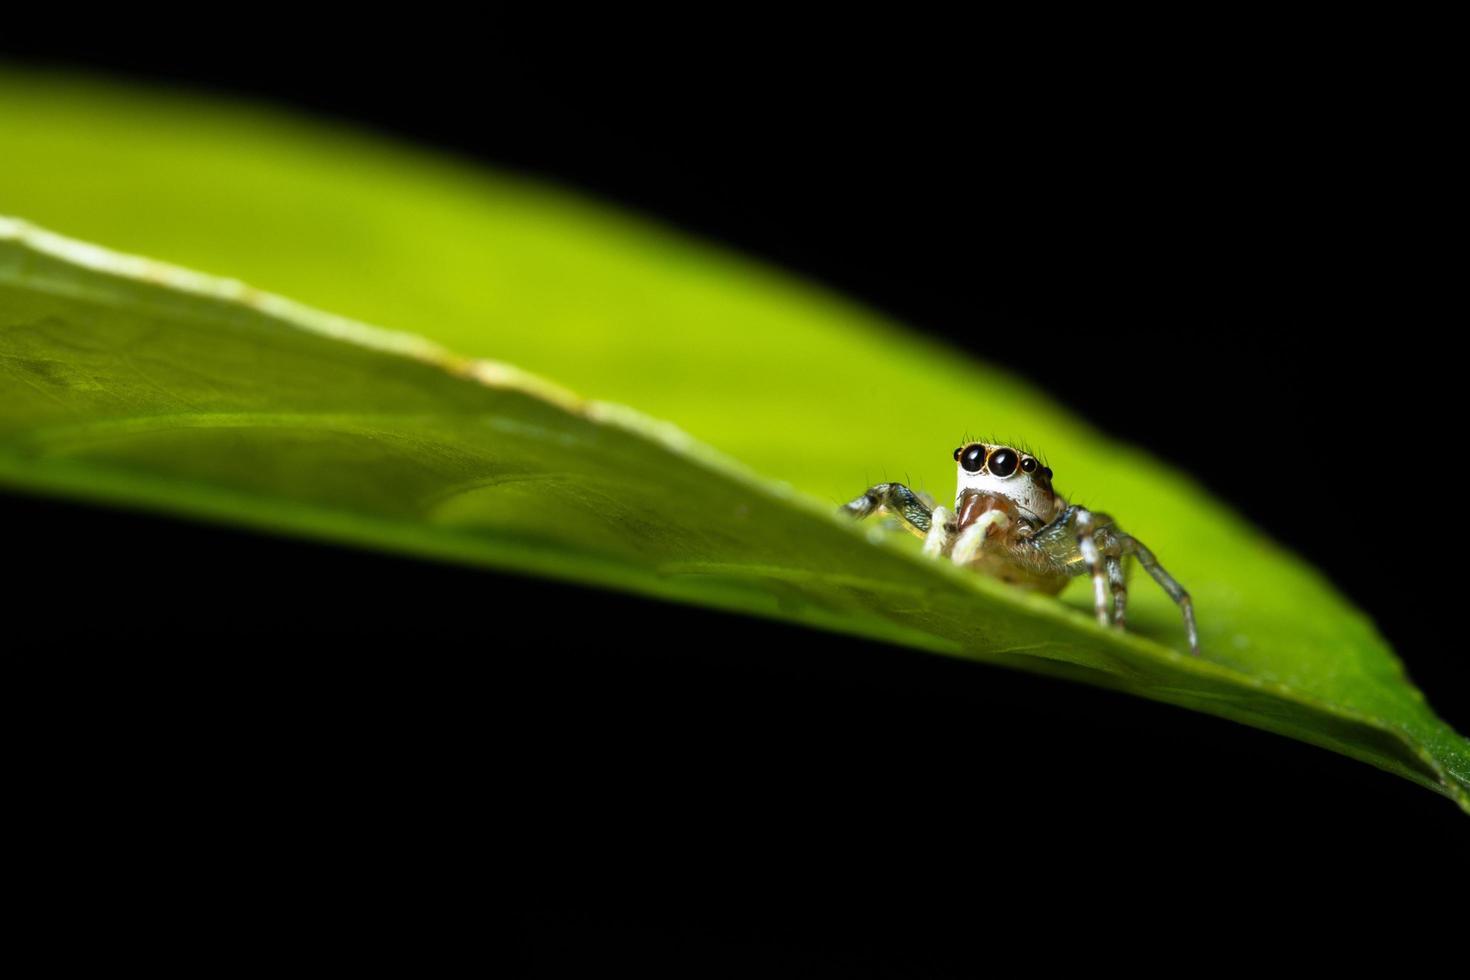 aranha em uma folha, close-up foto